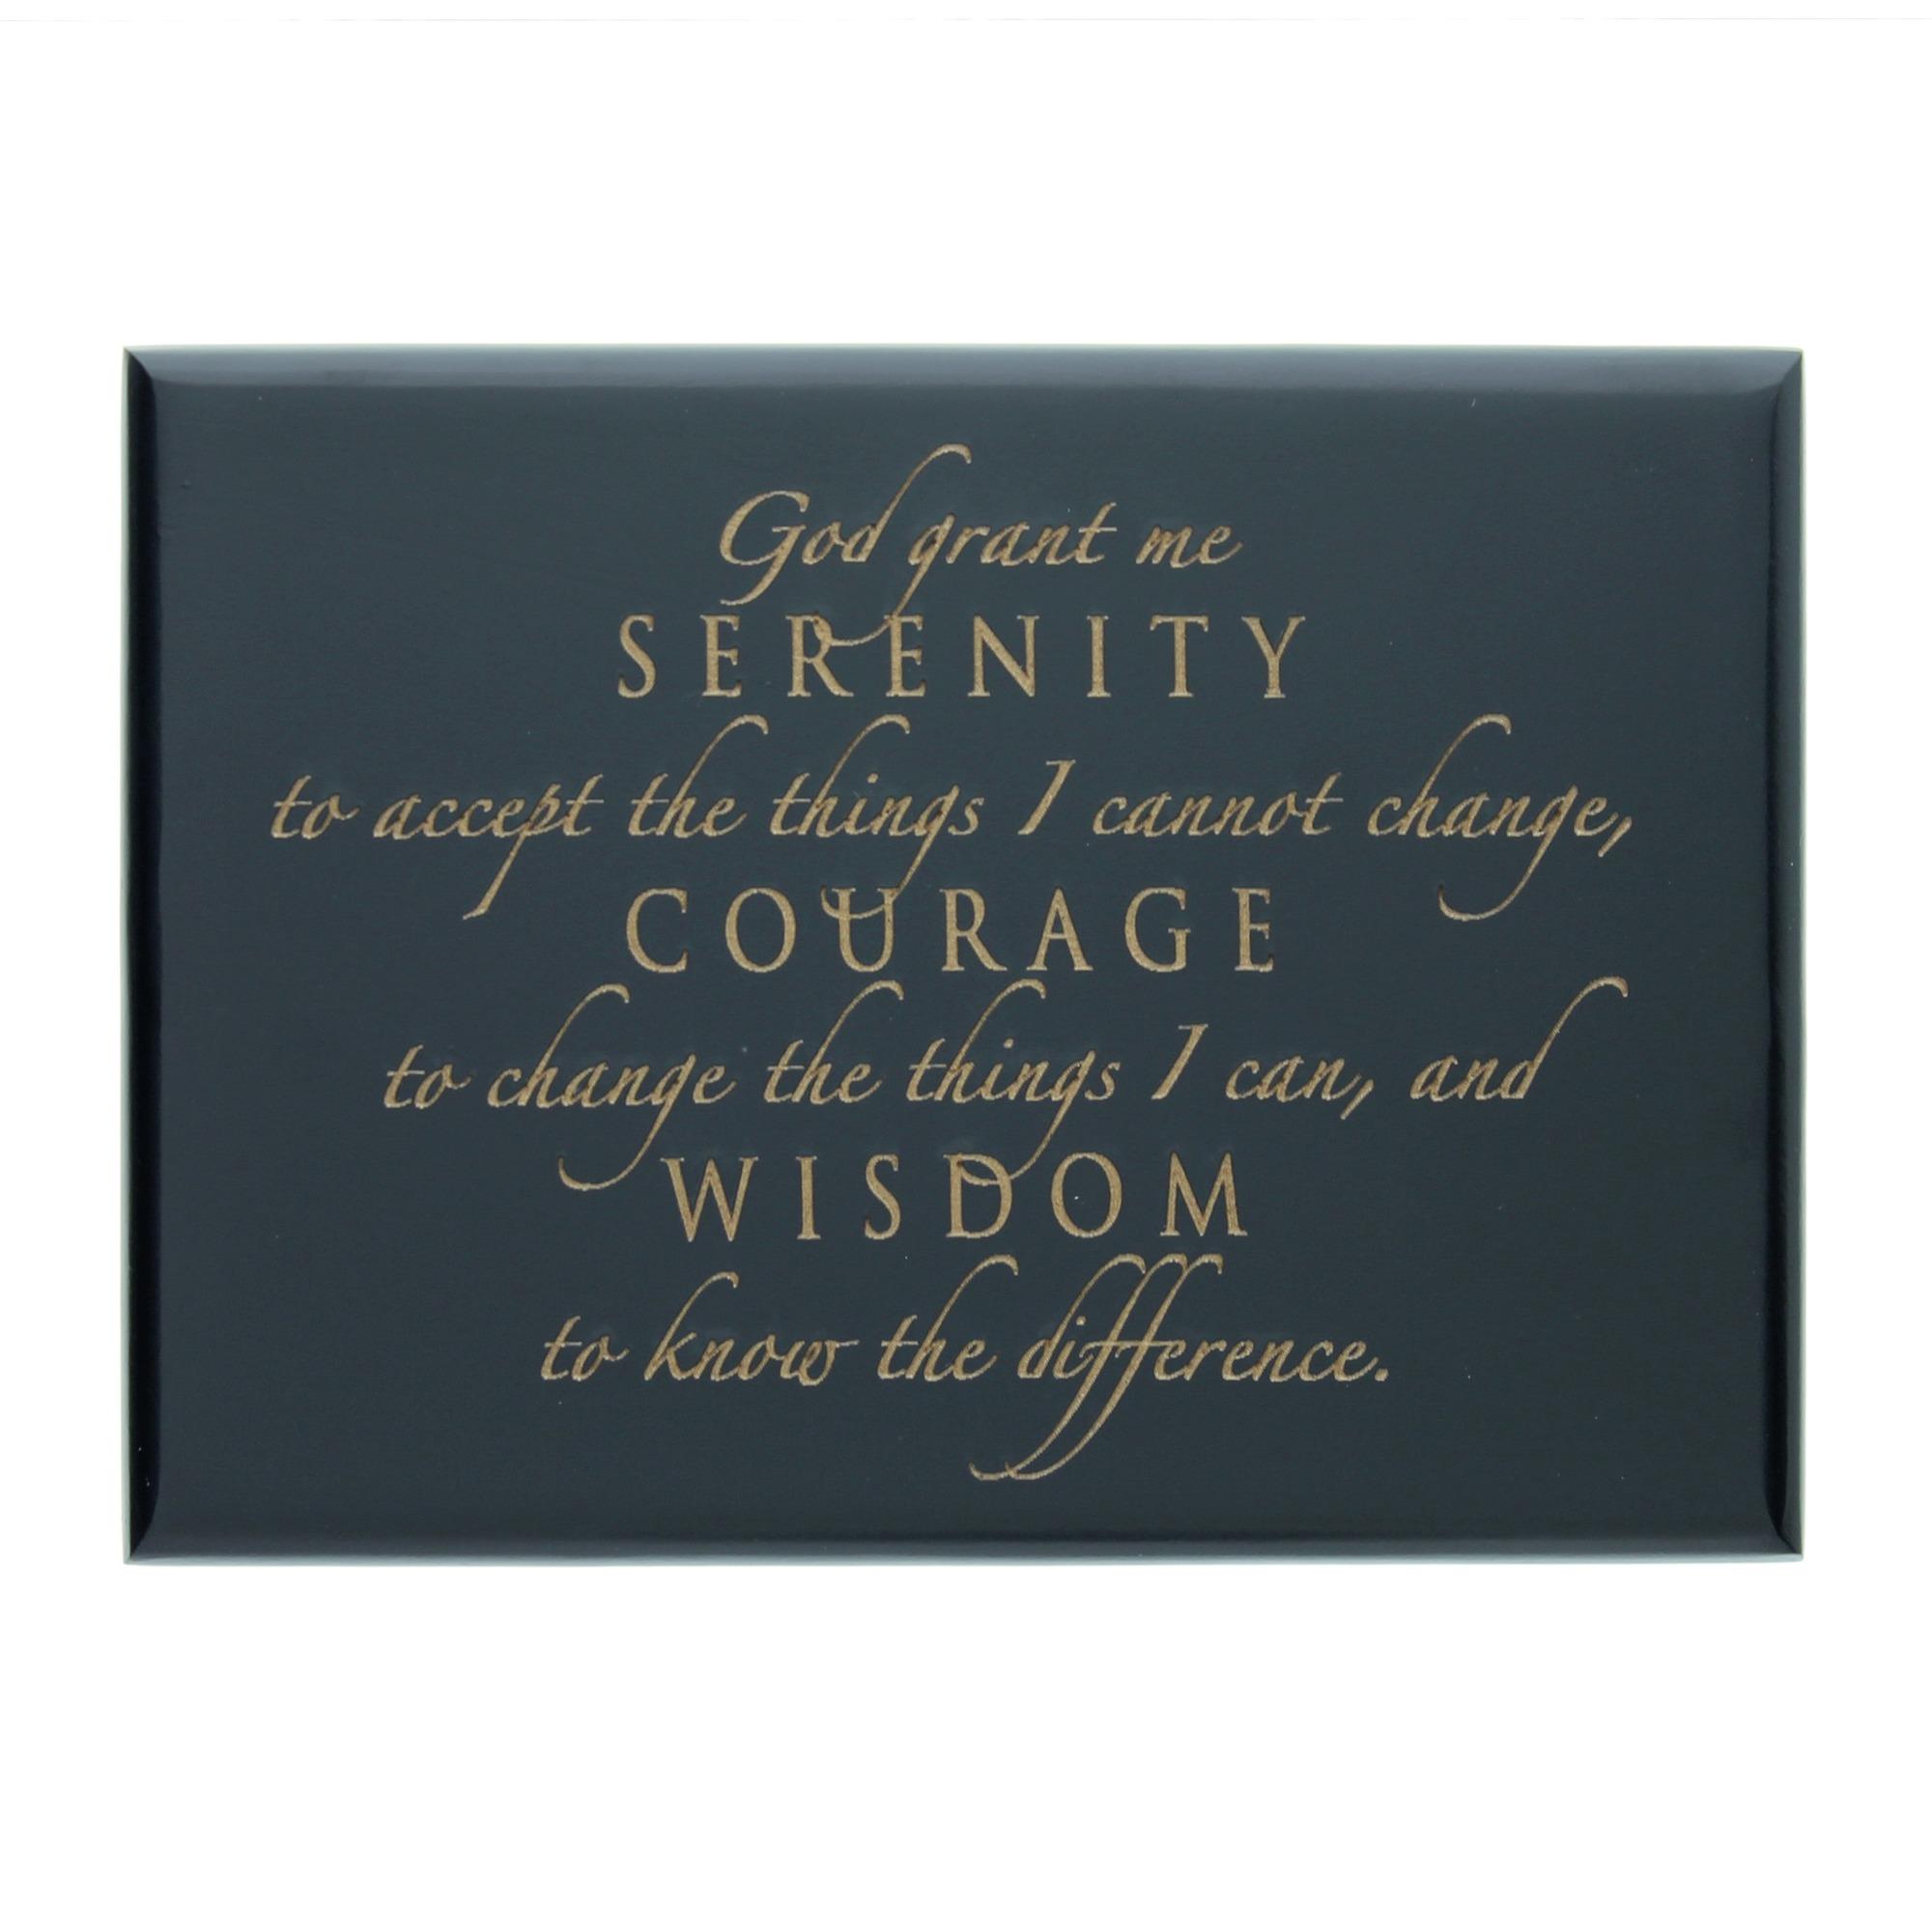 Serenity Box and Card   The Catholic Company